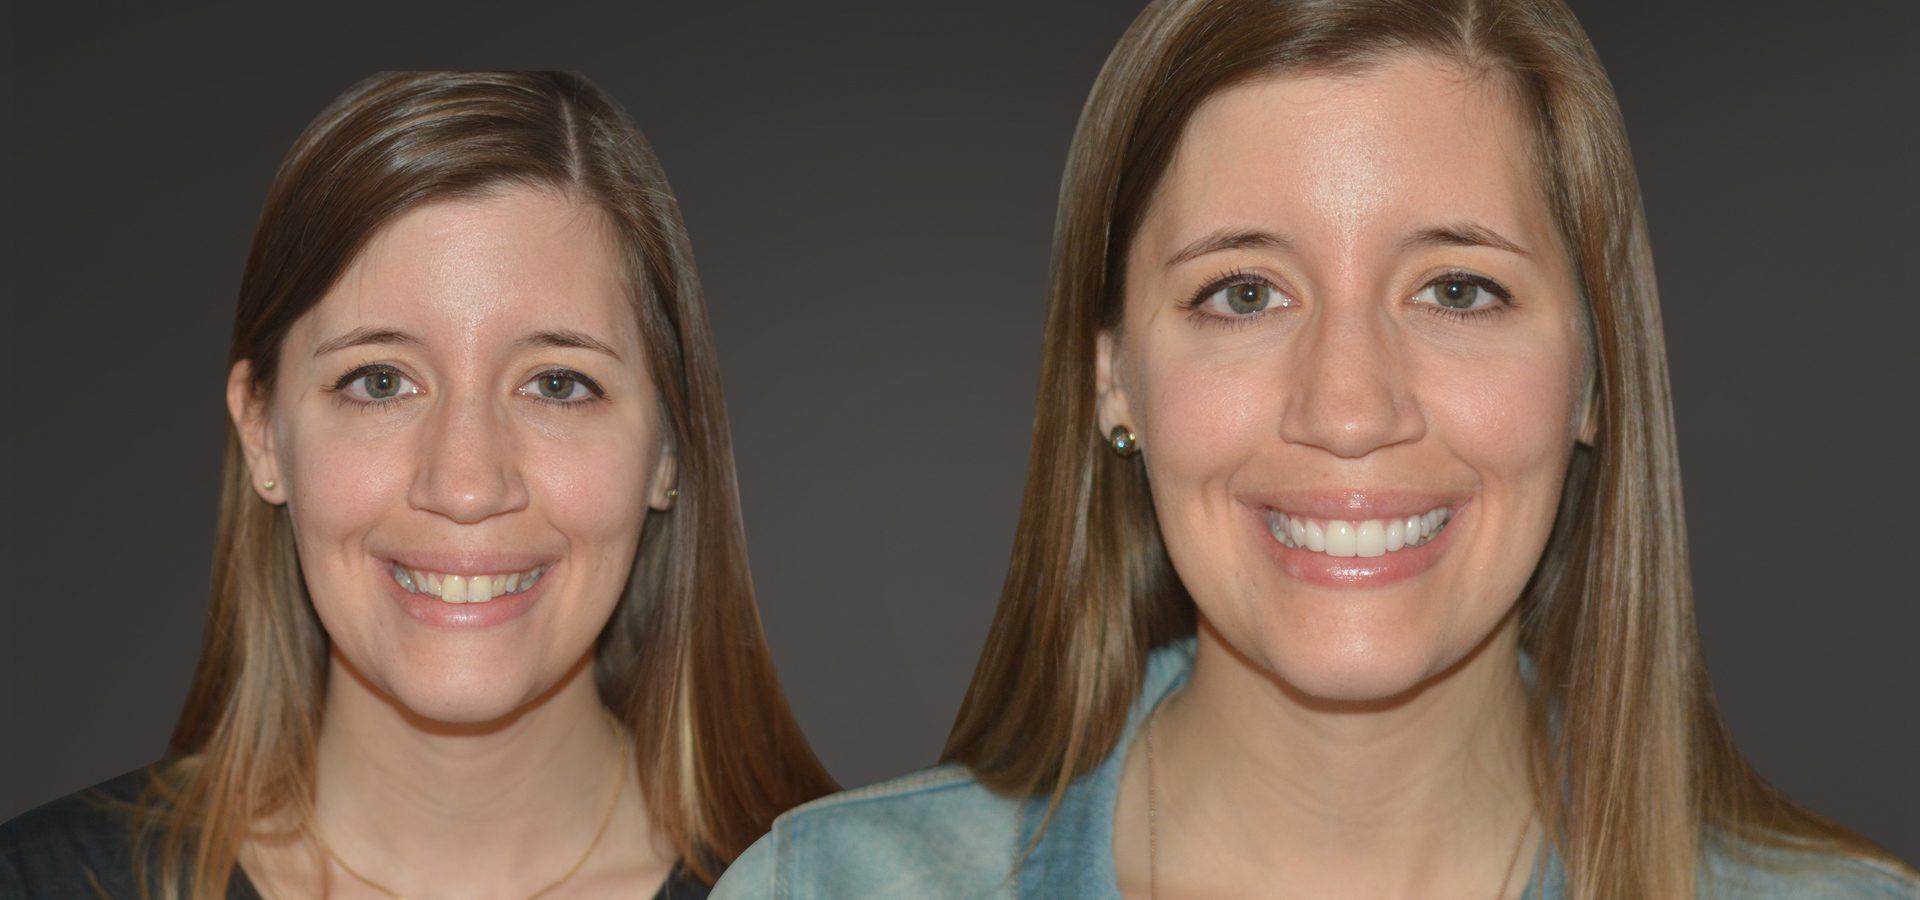 Veneers: schneller zu geraden, weißen Zähnen